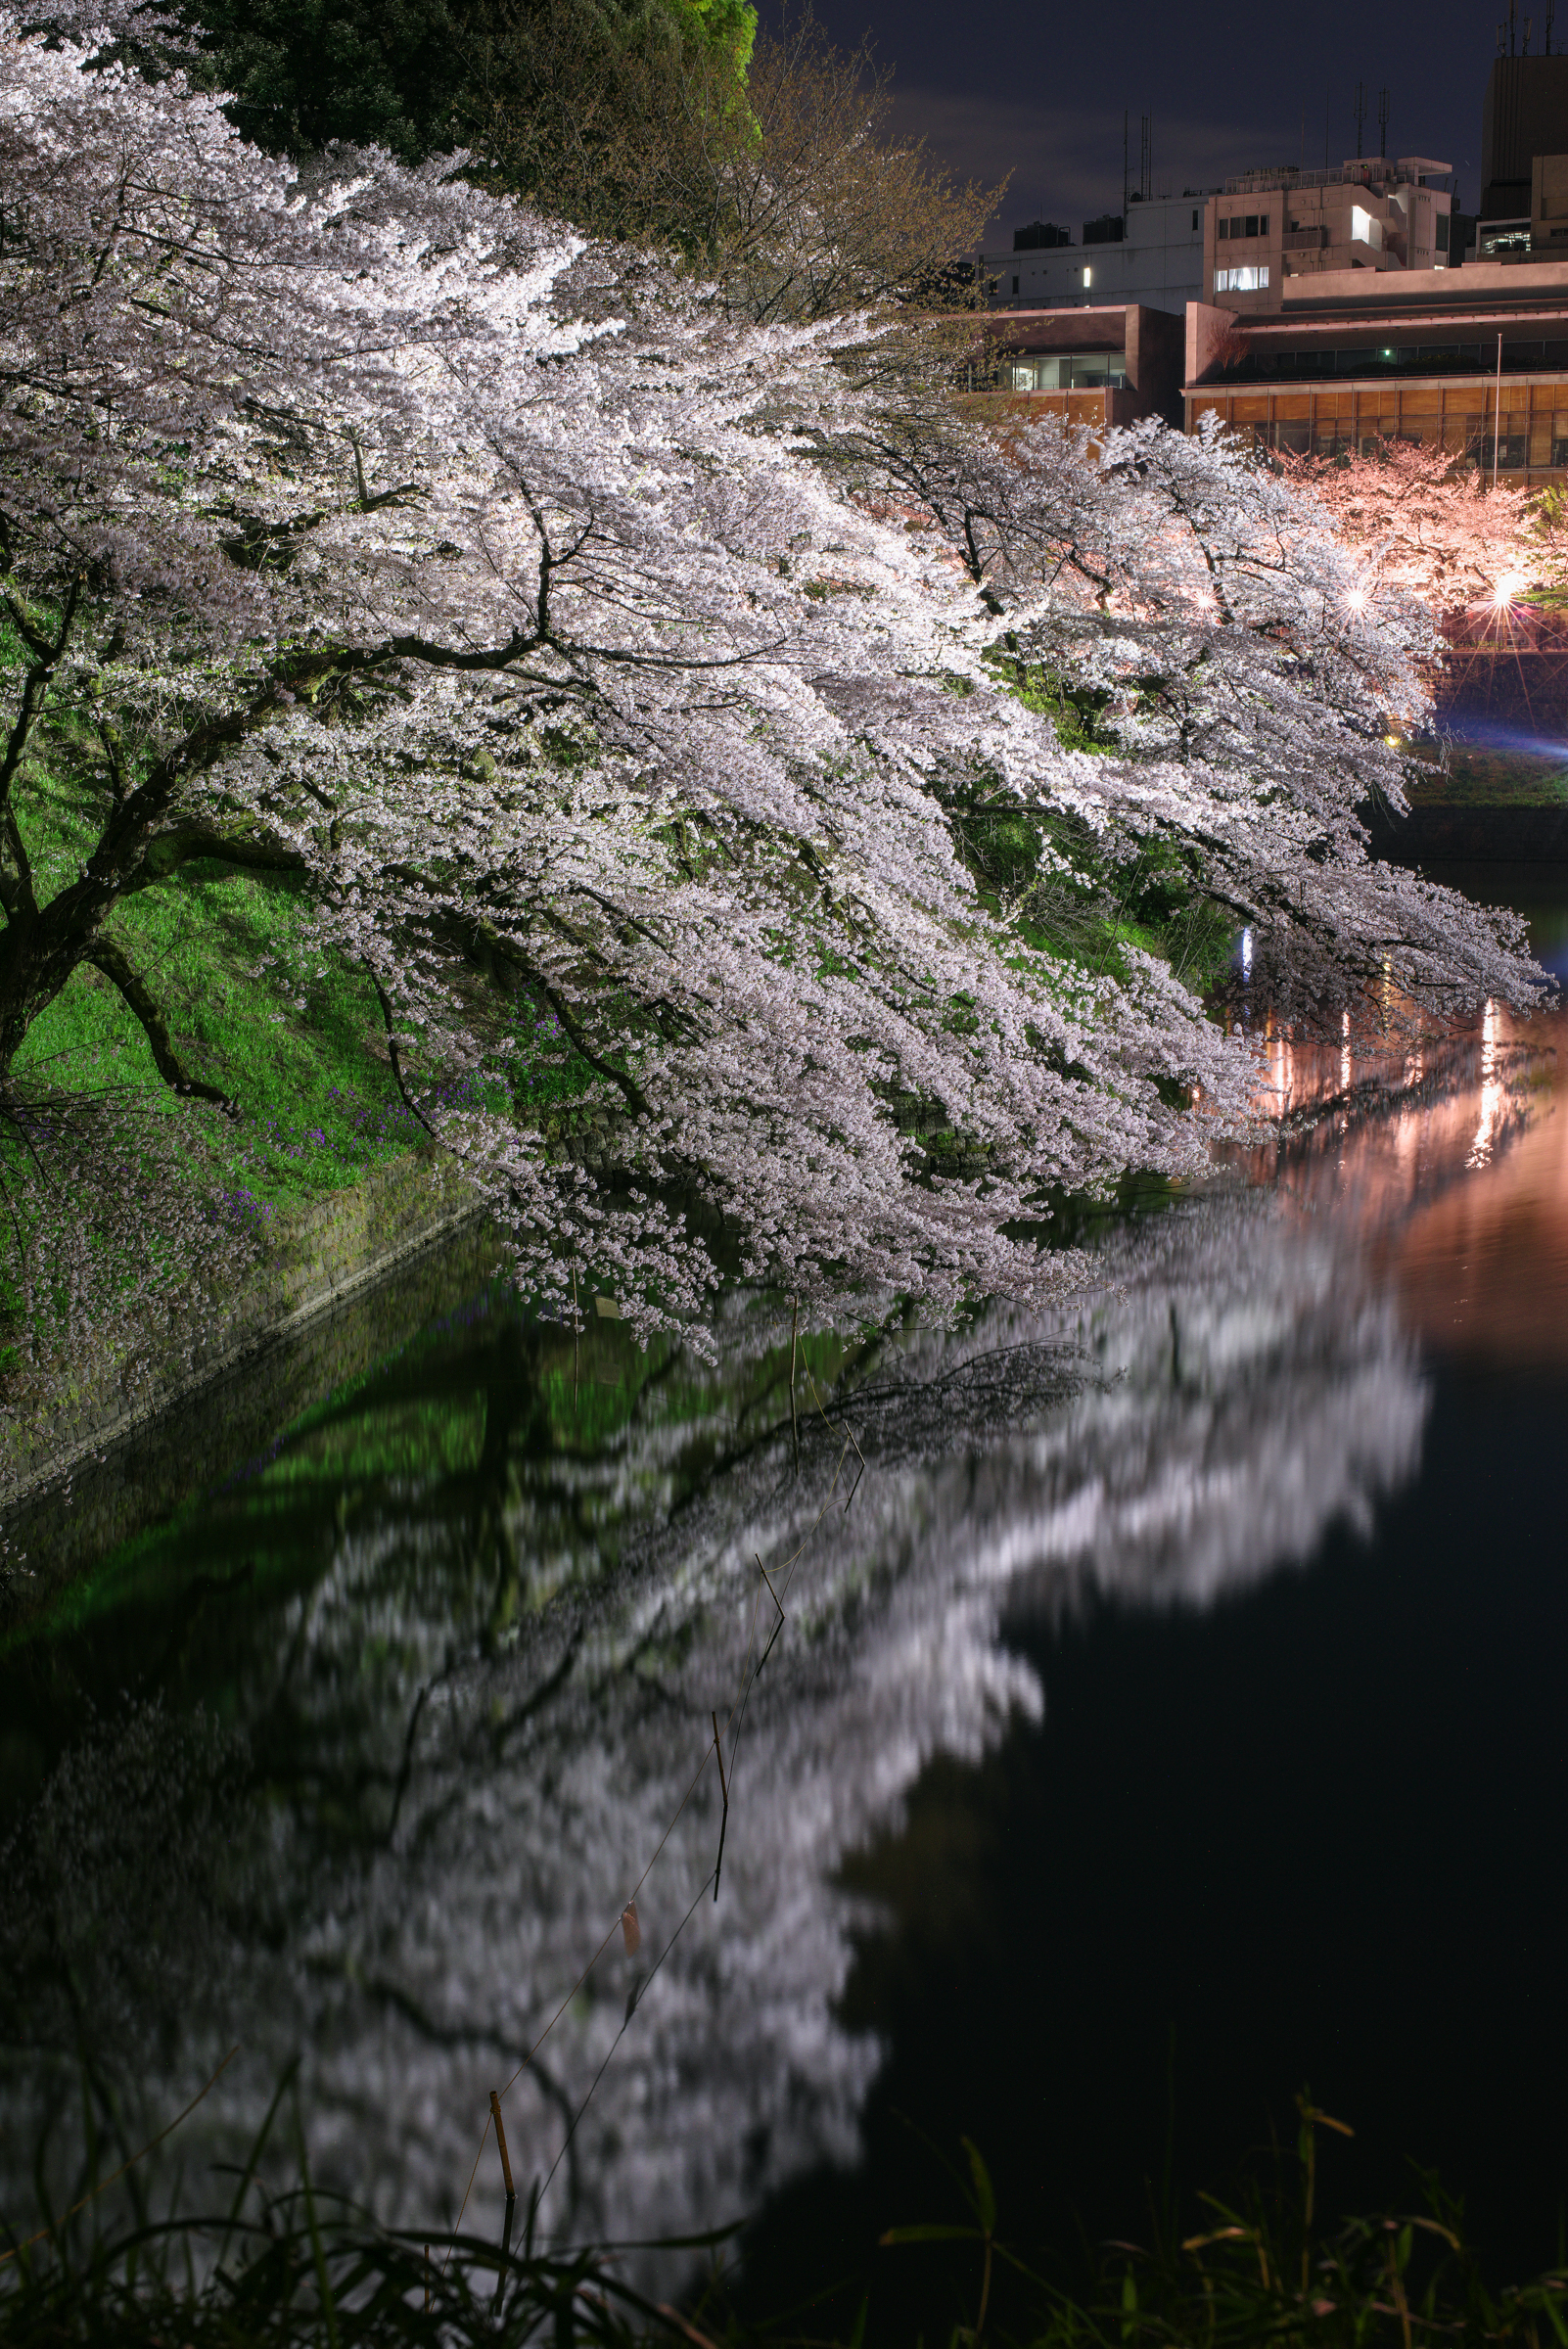 千鳥ヶ淵の桜ライトアップ | PENTAX K-1&D FA★50mm